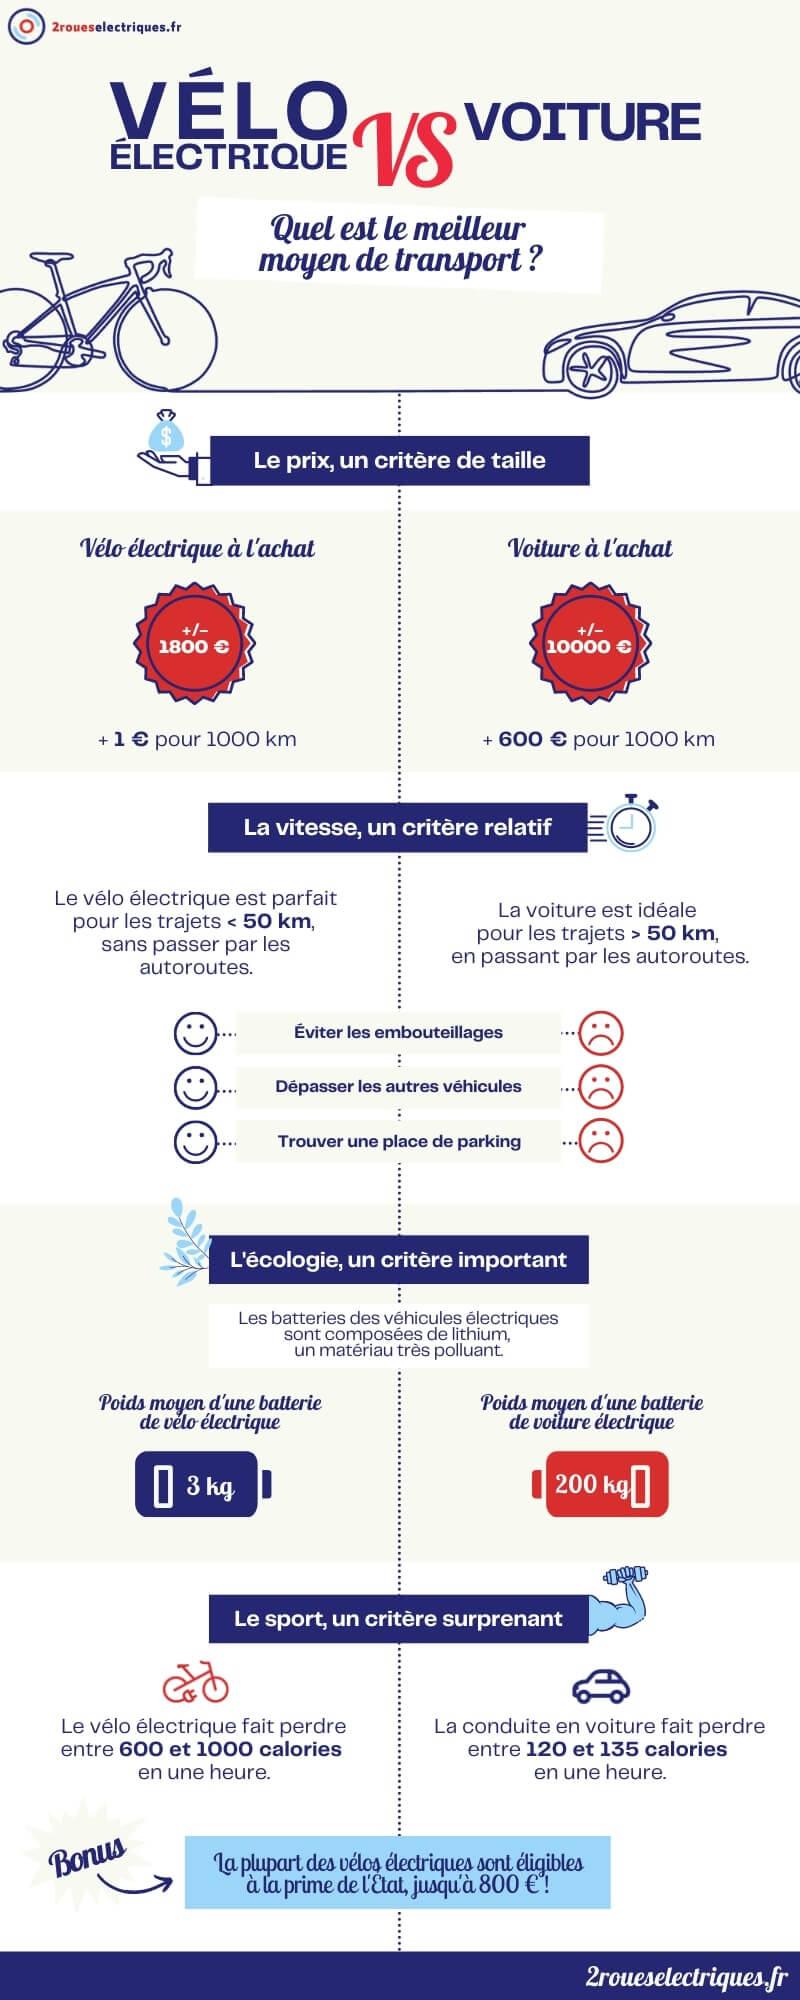 Vélo électrique VS voiture : infographie 2roueselectriques